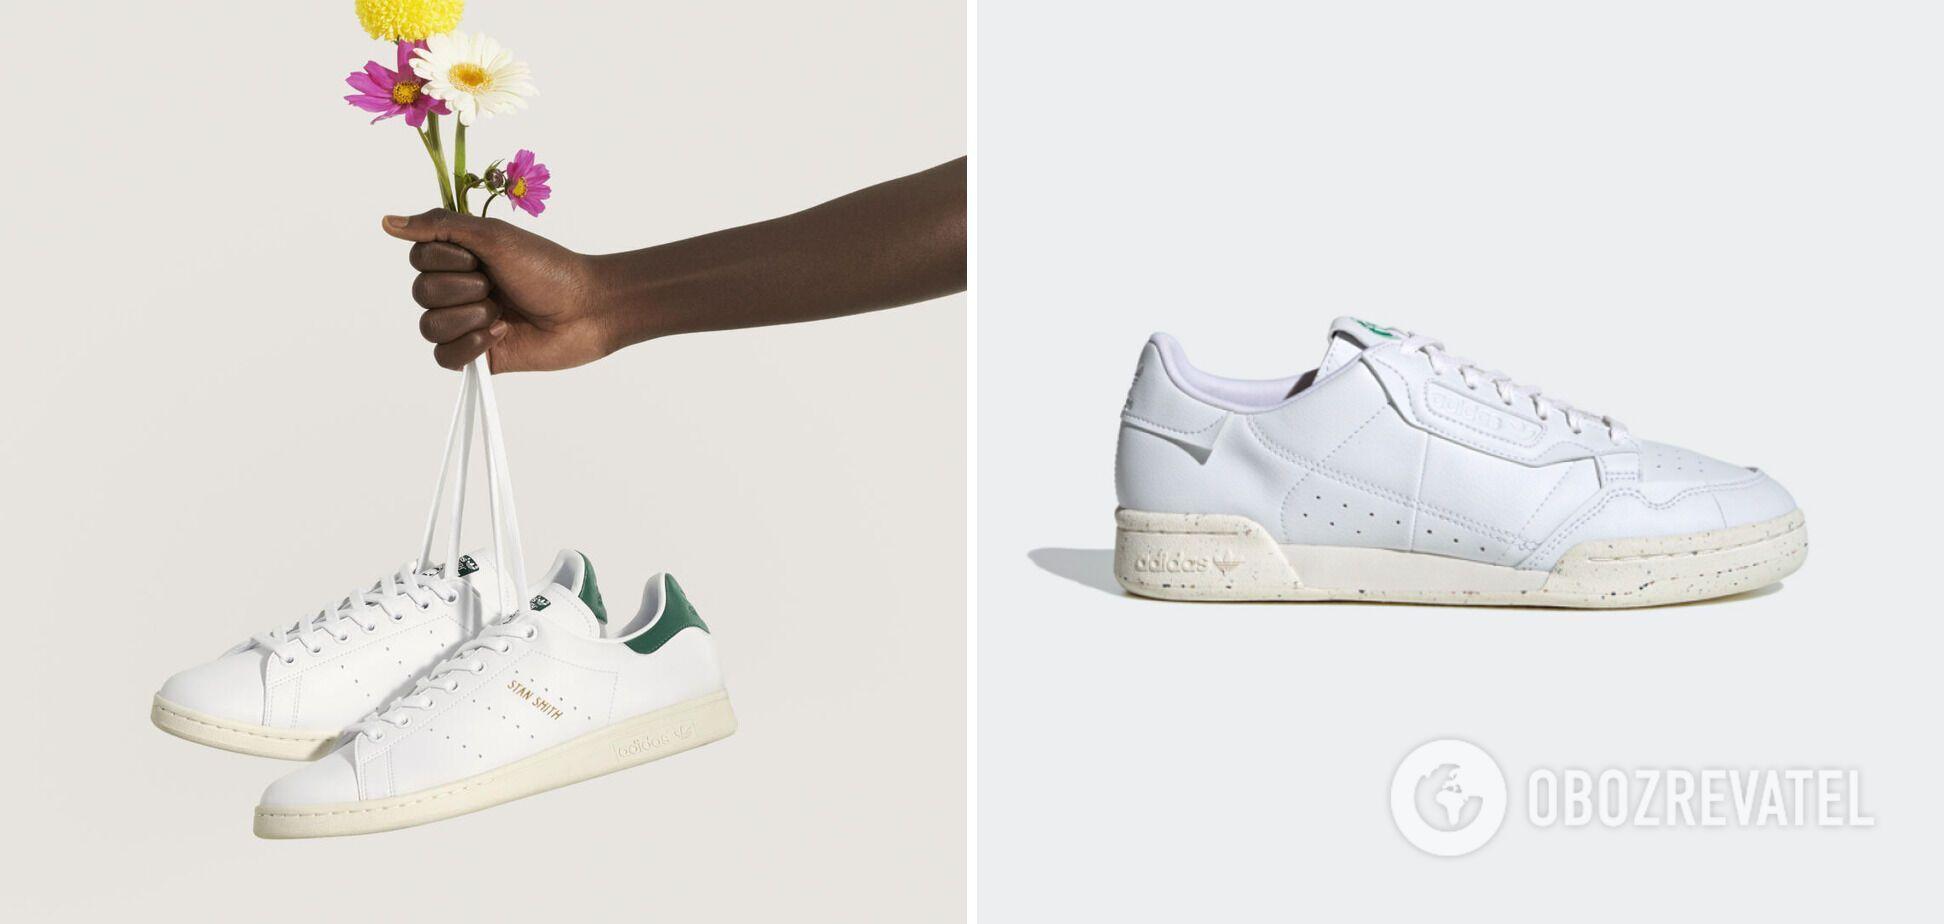 Багато популярних брендів вже давно випускають екологічні кросівки